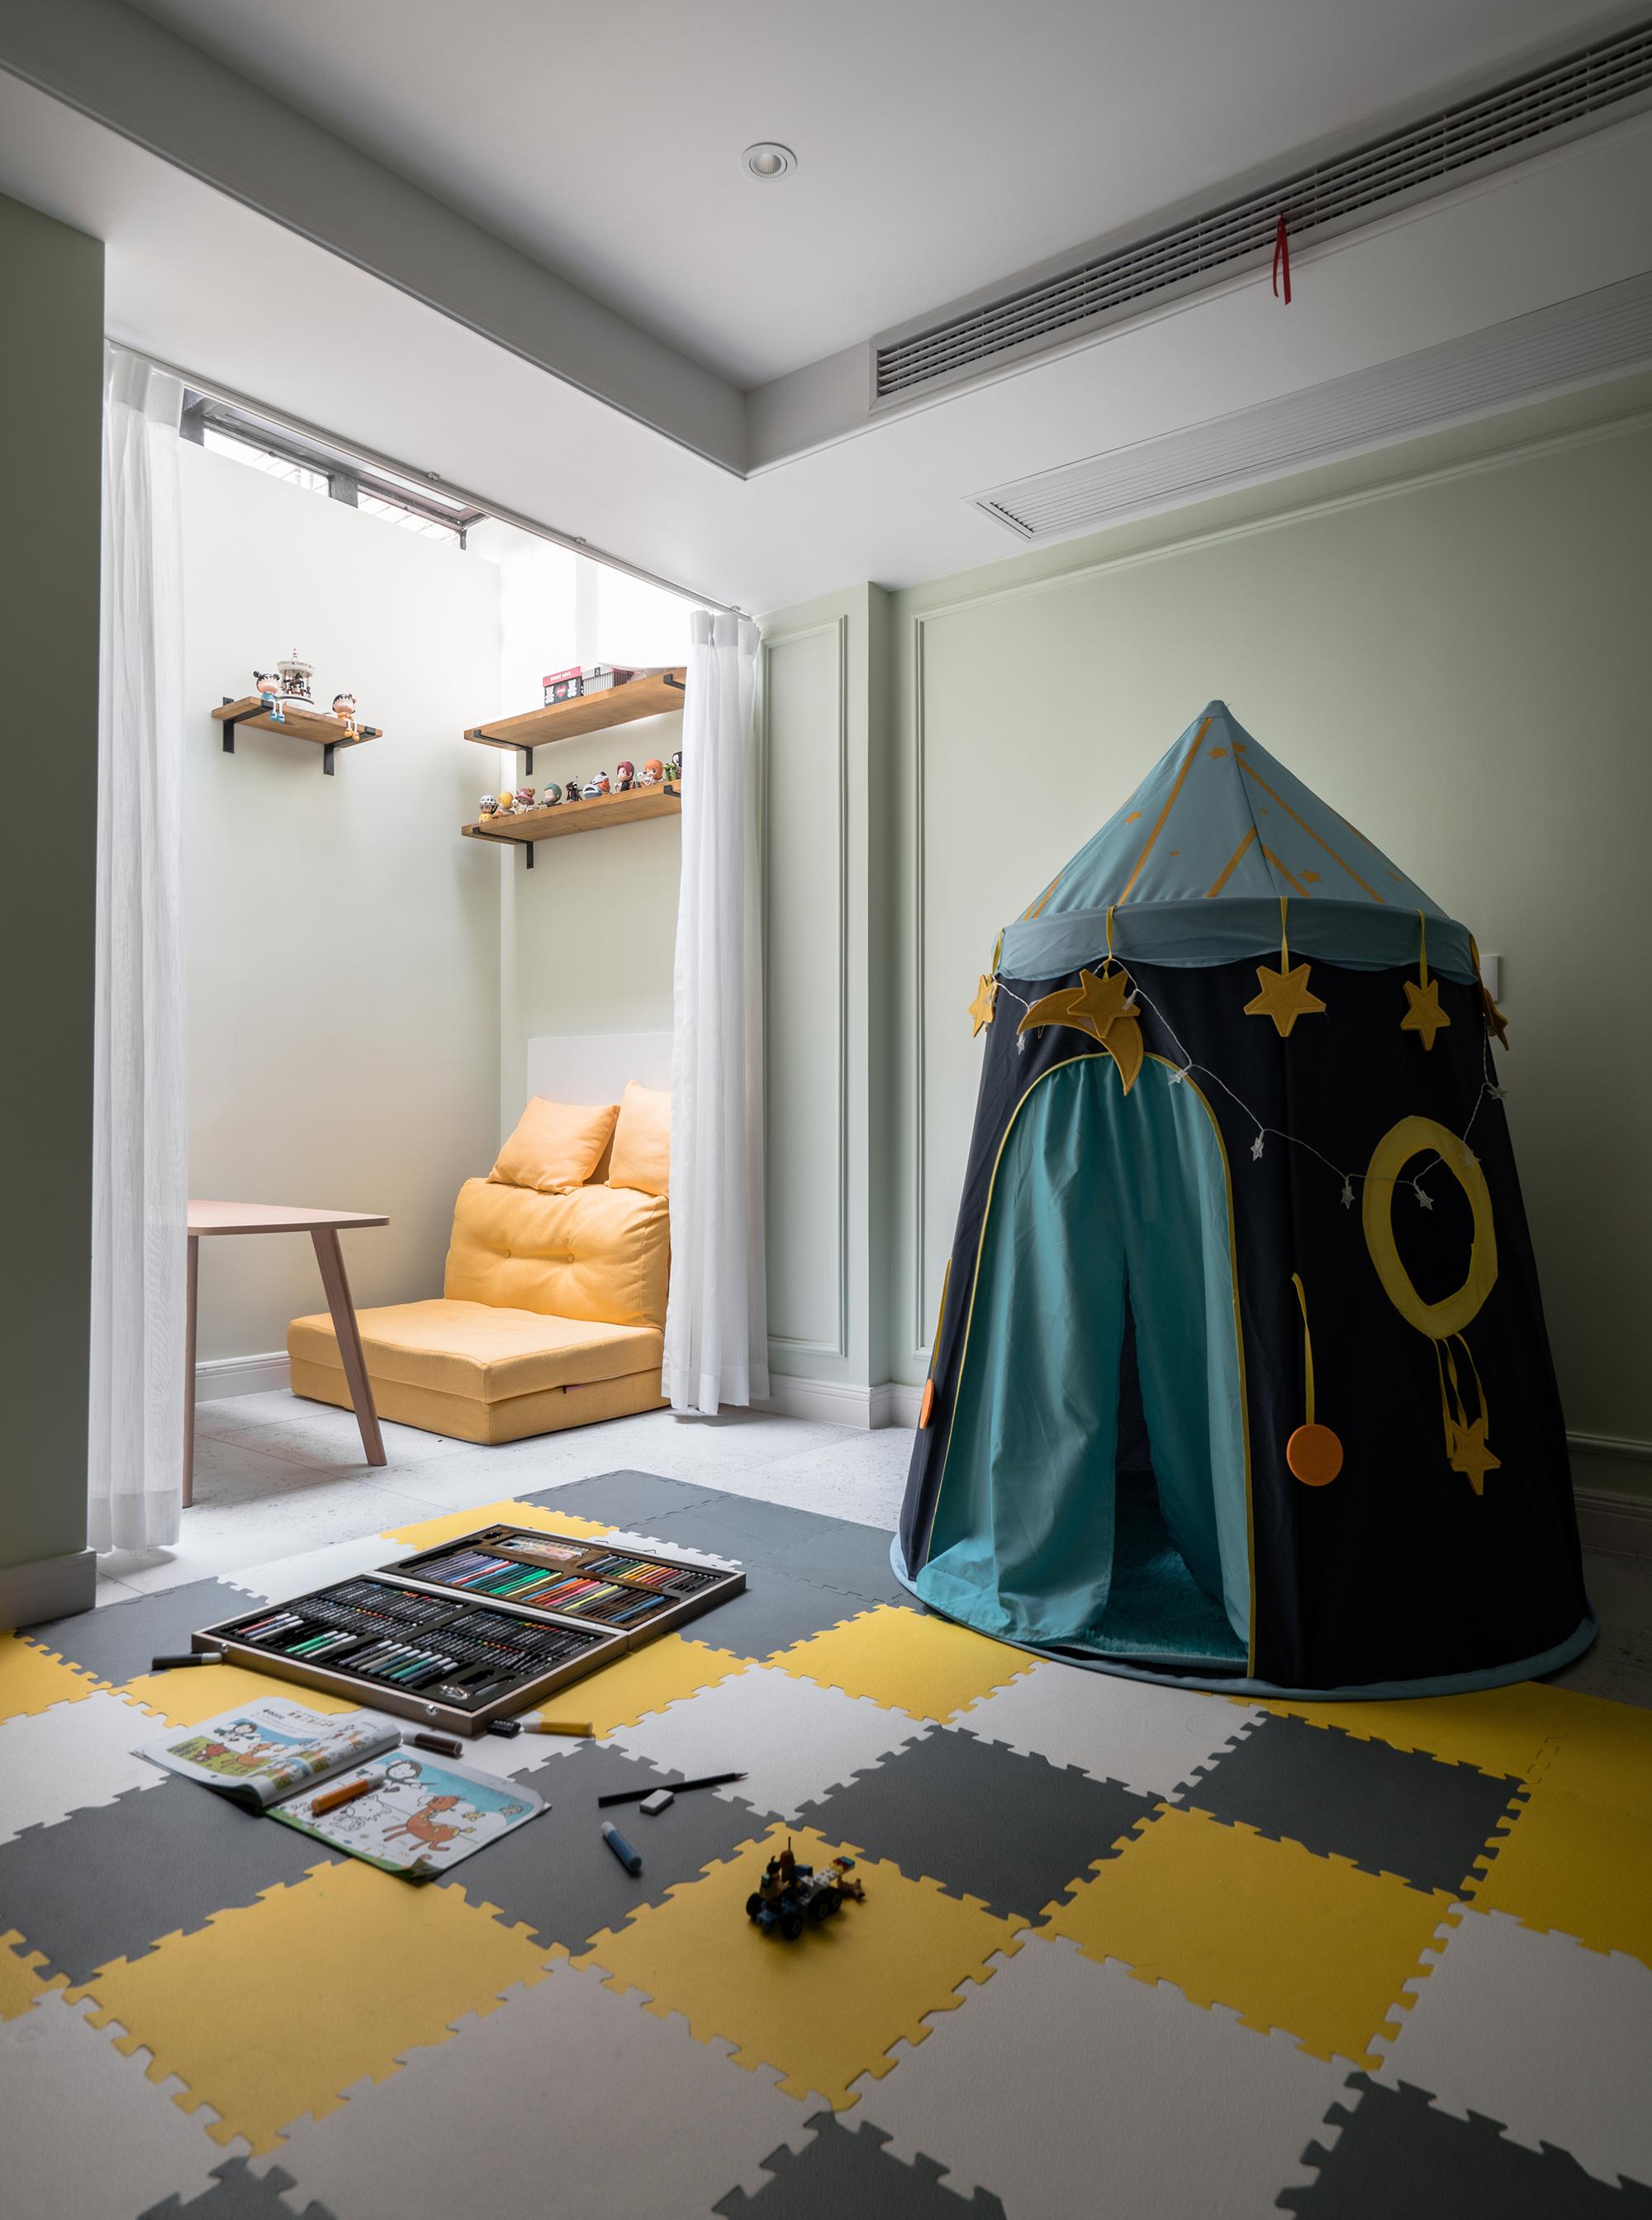 美式风格别墅儿童活动室装修效果图